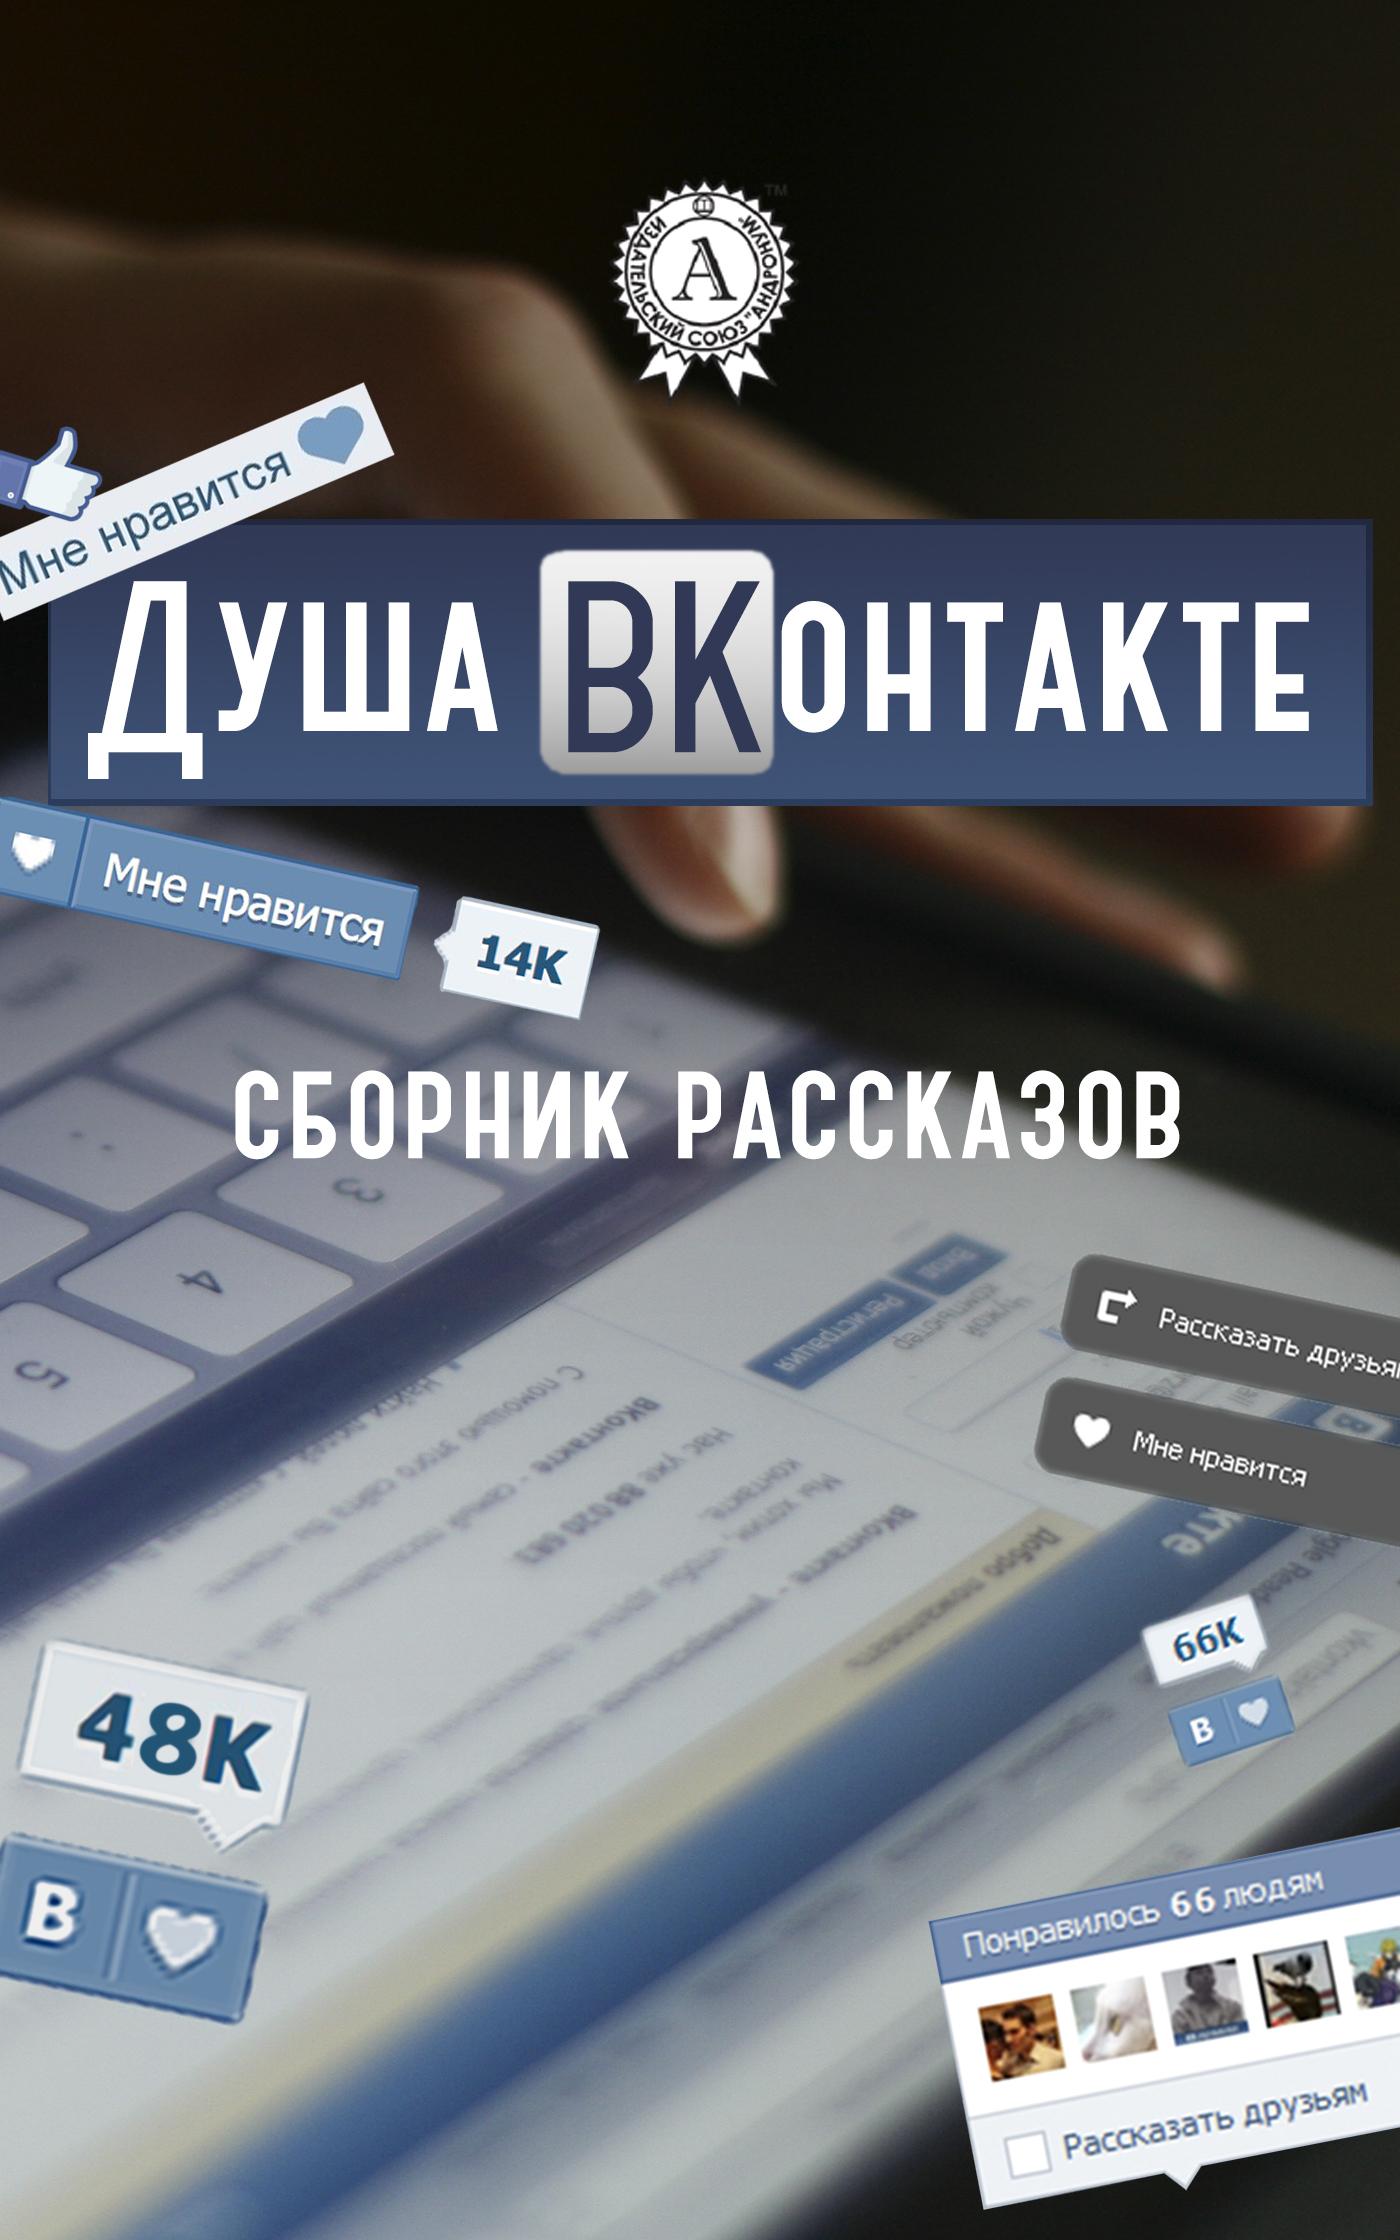 Коллектив авторов Душа ВКонтакте